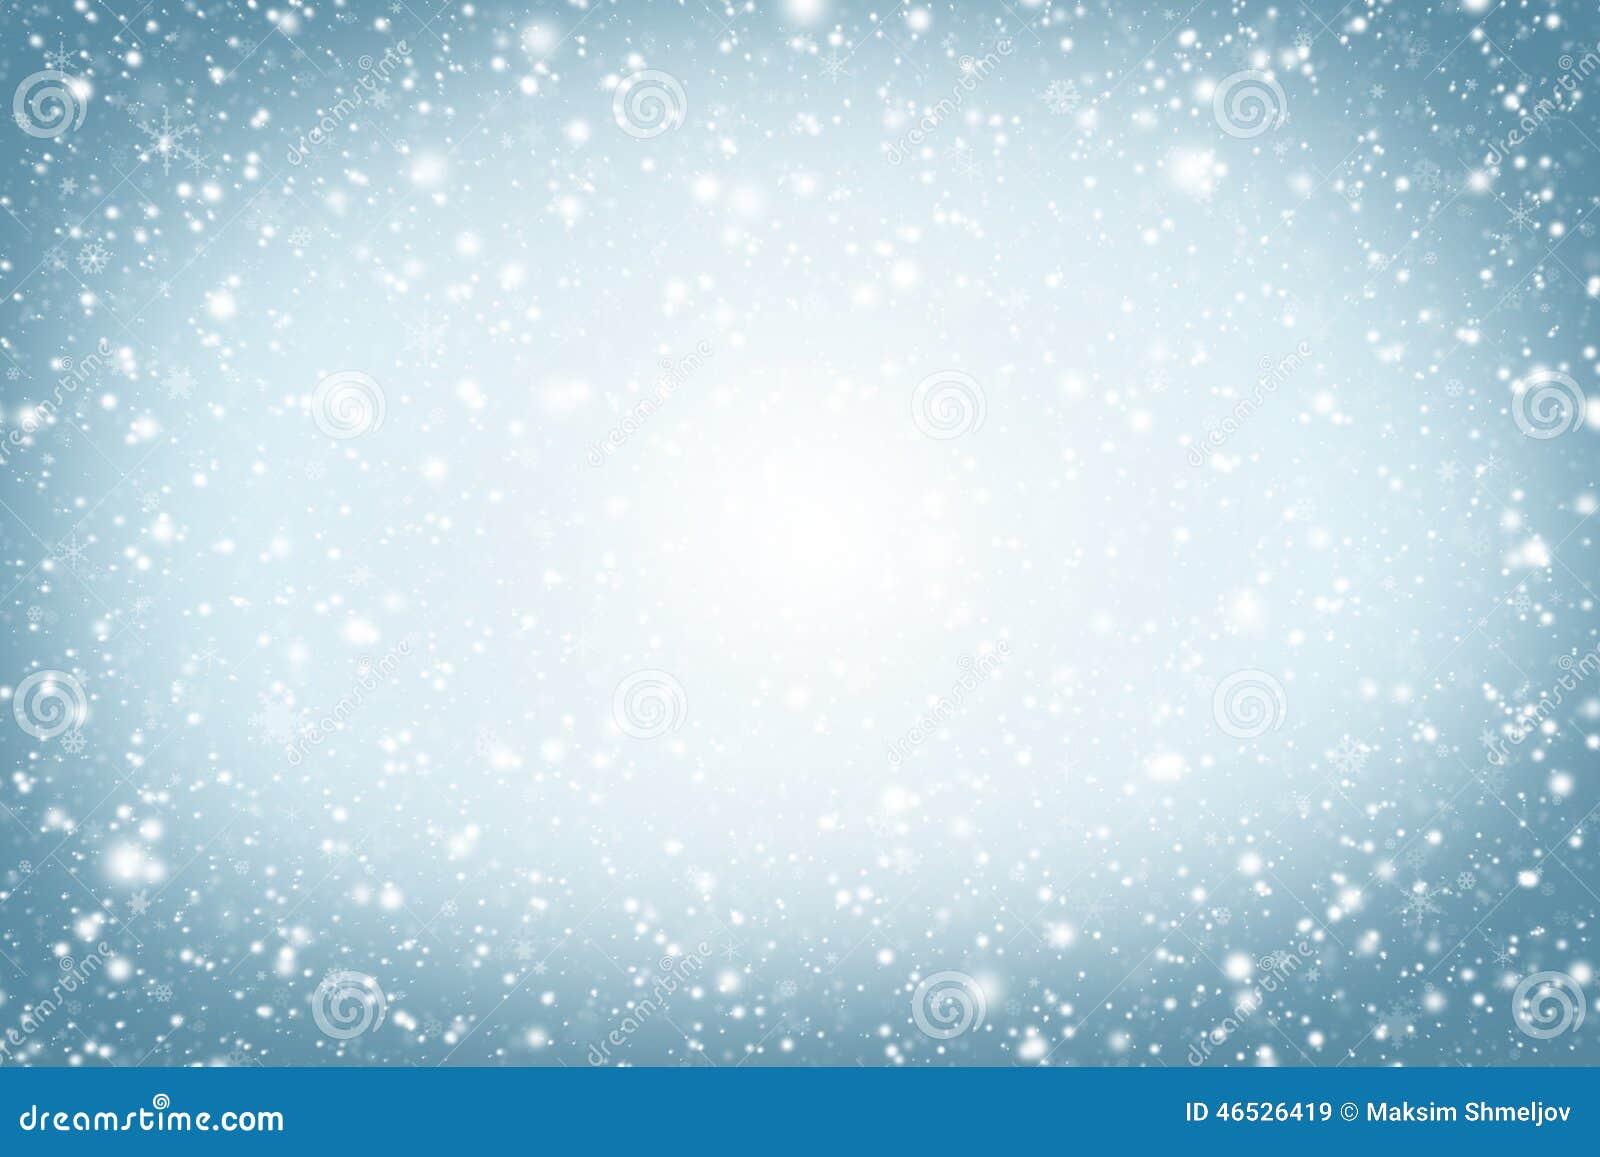 Vita röda stjärnor för abstrakt för bakgrundsjul mörk för garnering modell för design Vinterhimmel, snöflingor och stjärnor